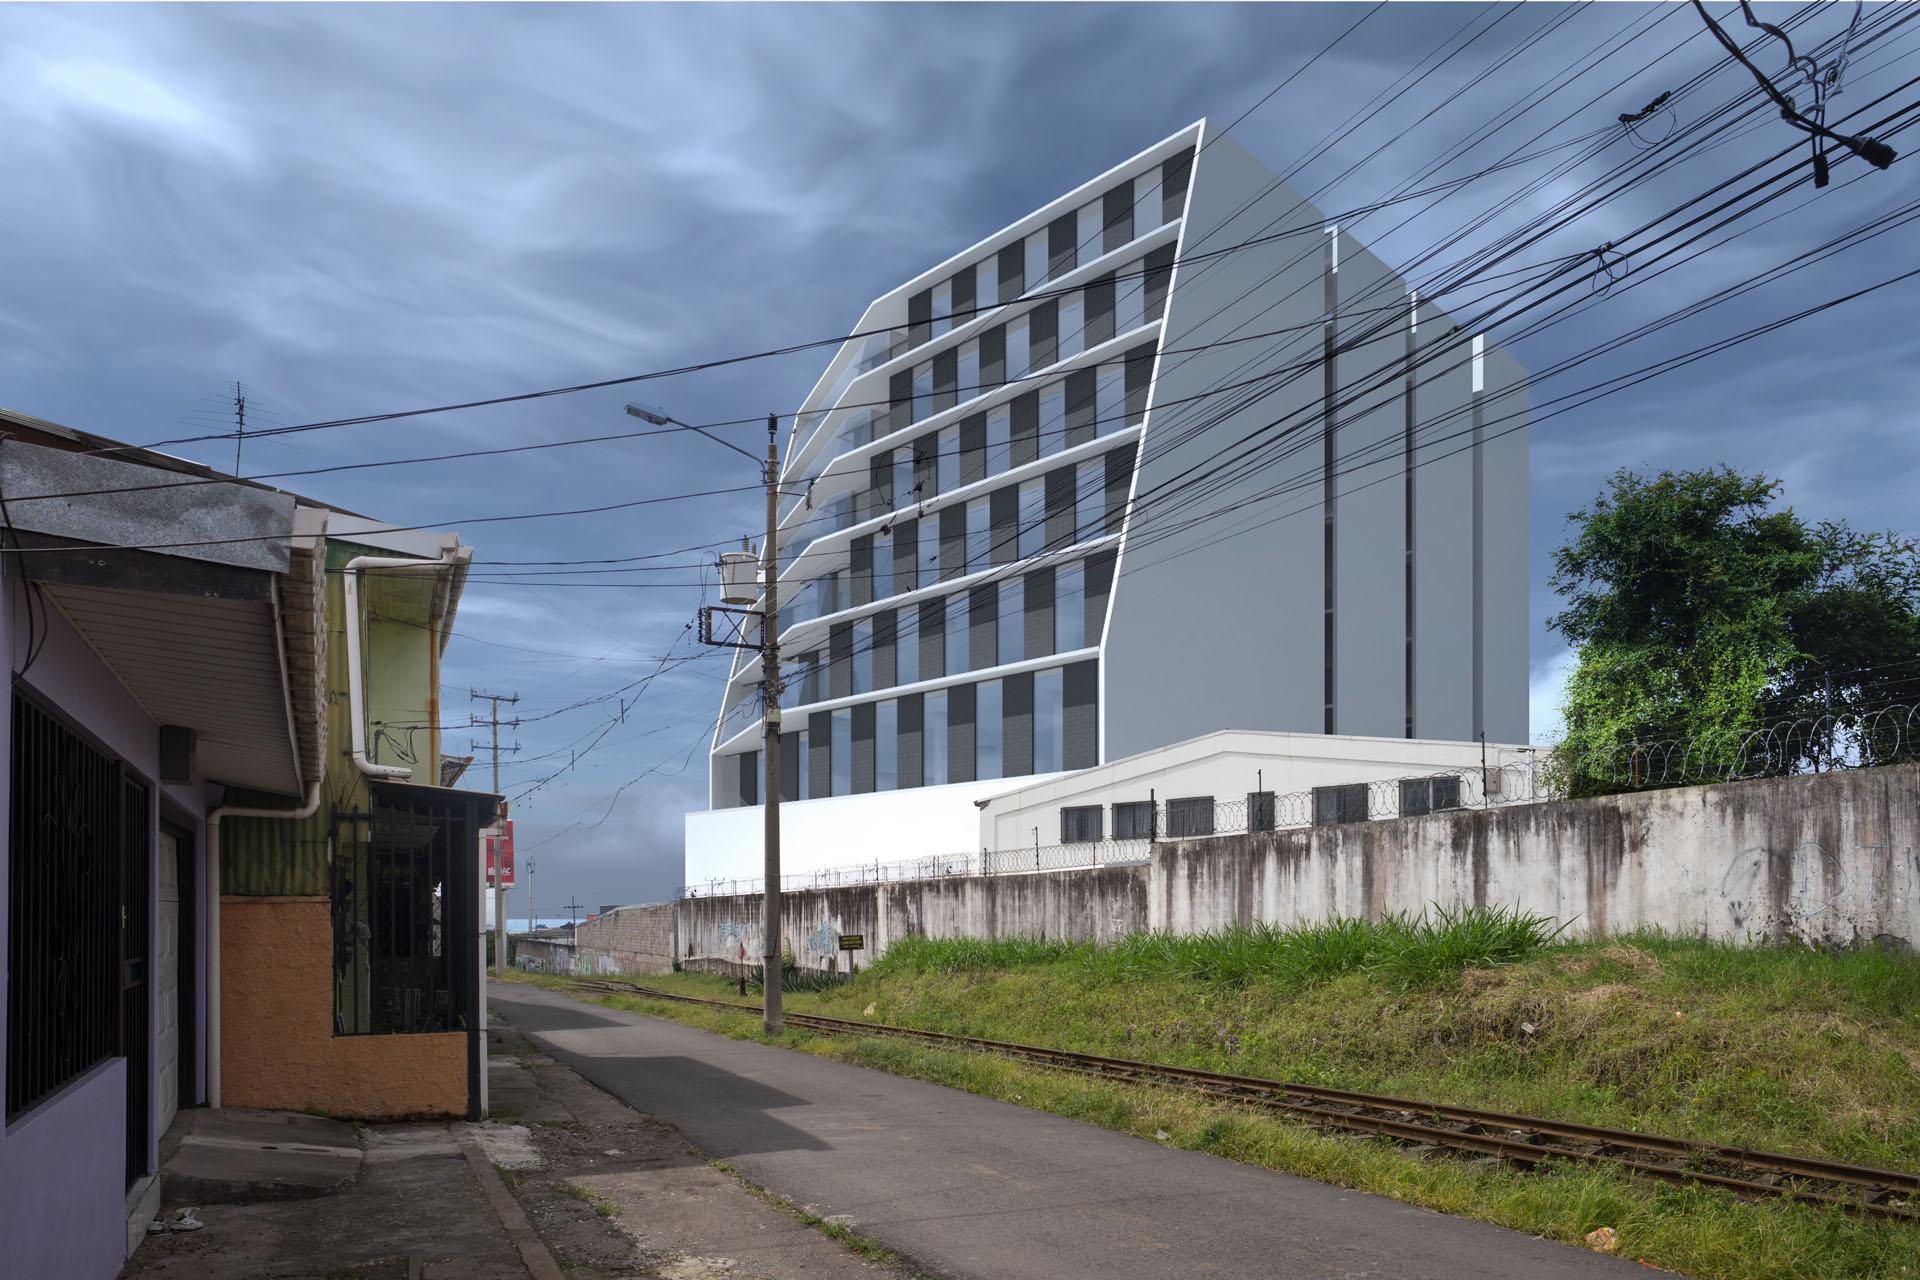 Oficinas Contemporaneas frente a la linea del tren